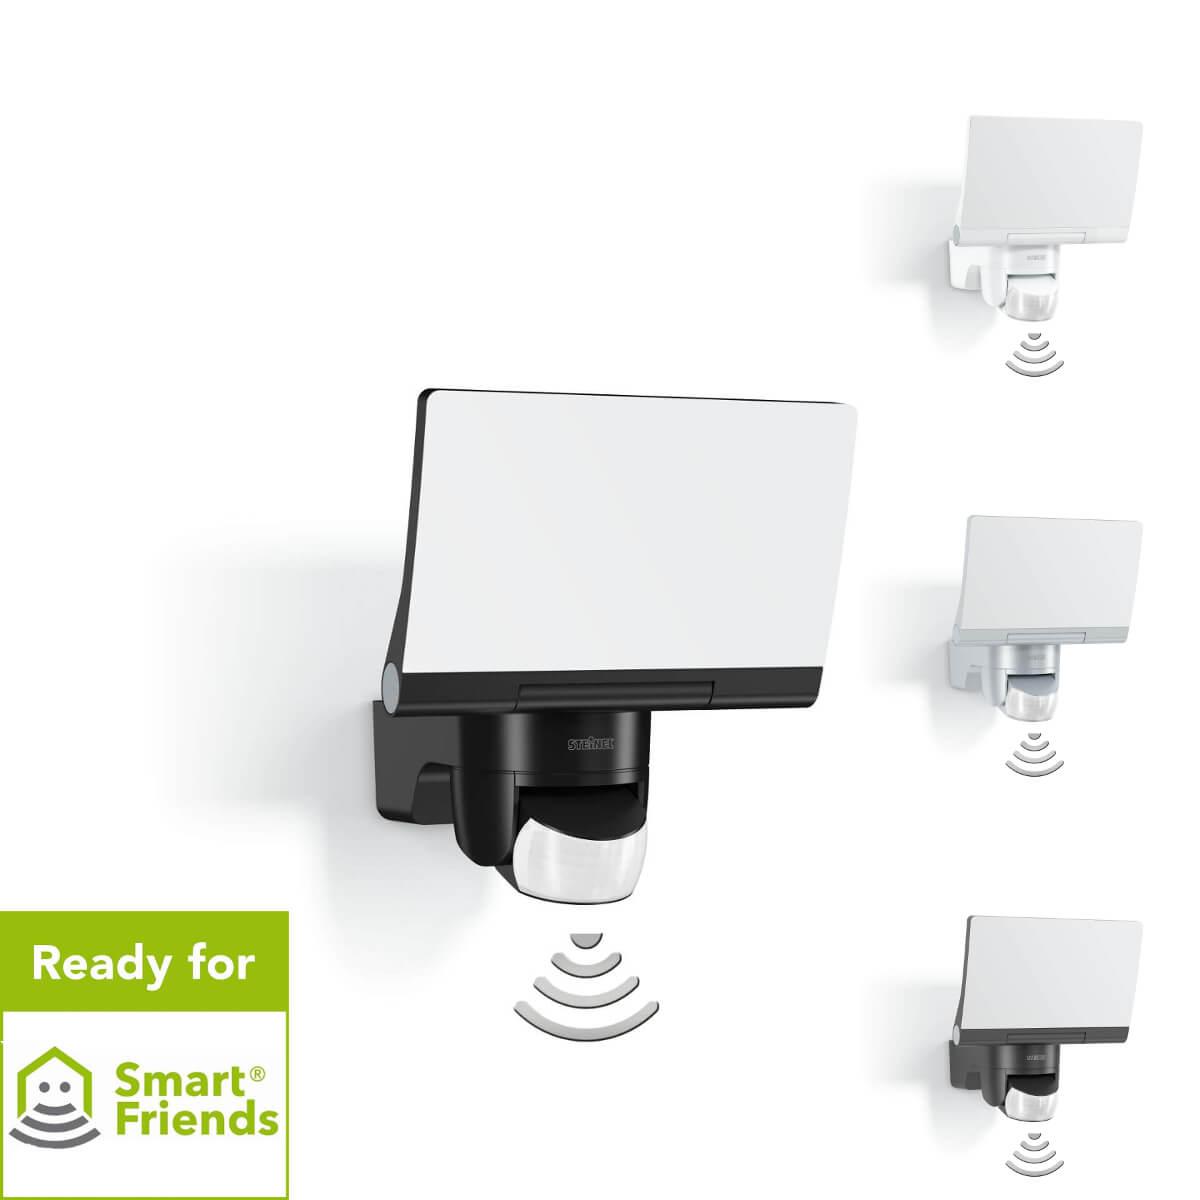 smart friends systeme smart home ger te hier online kaufen versandkostenfrei. Black Bedroom Furniture Sets. Home Design Ideas